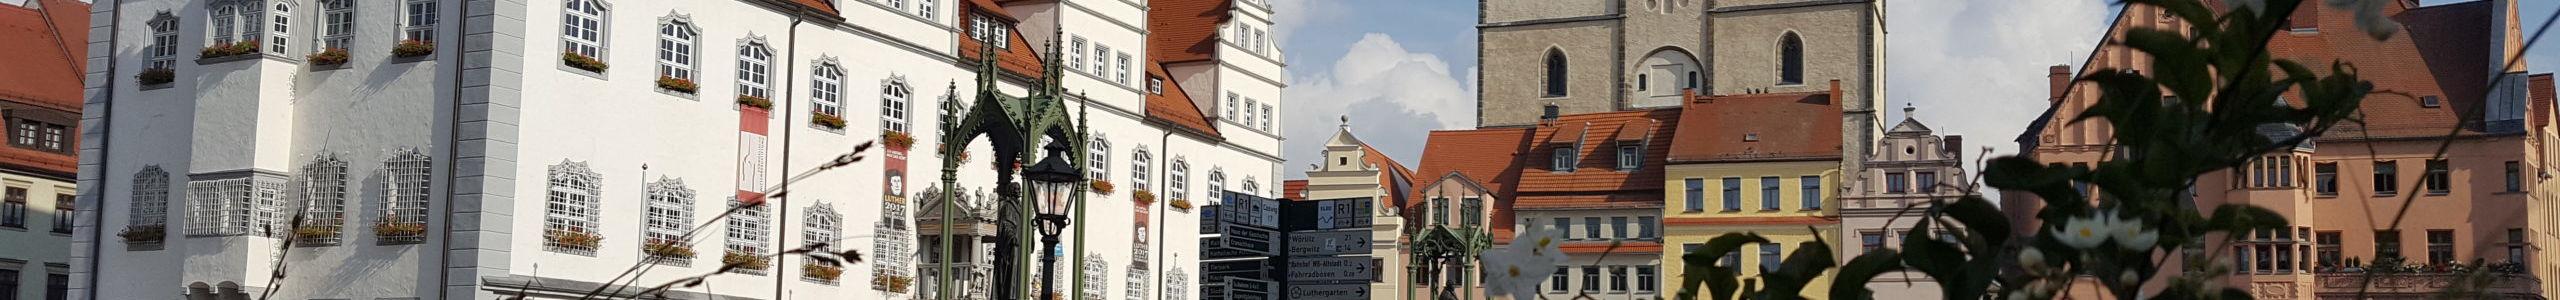 Sehenswürdigkeit Stadtkirche Wittenberg